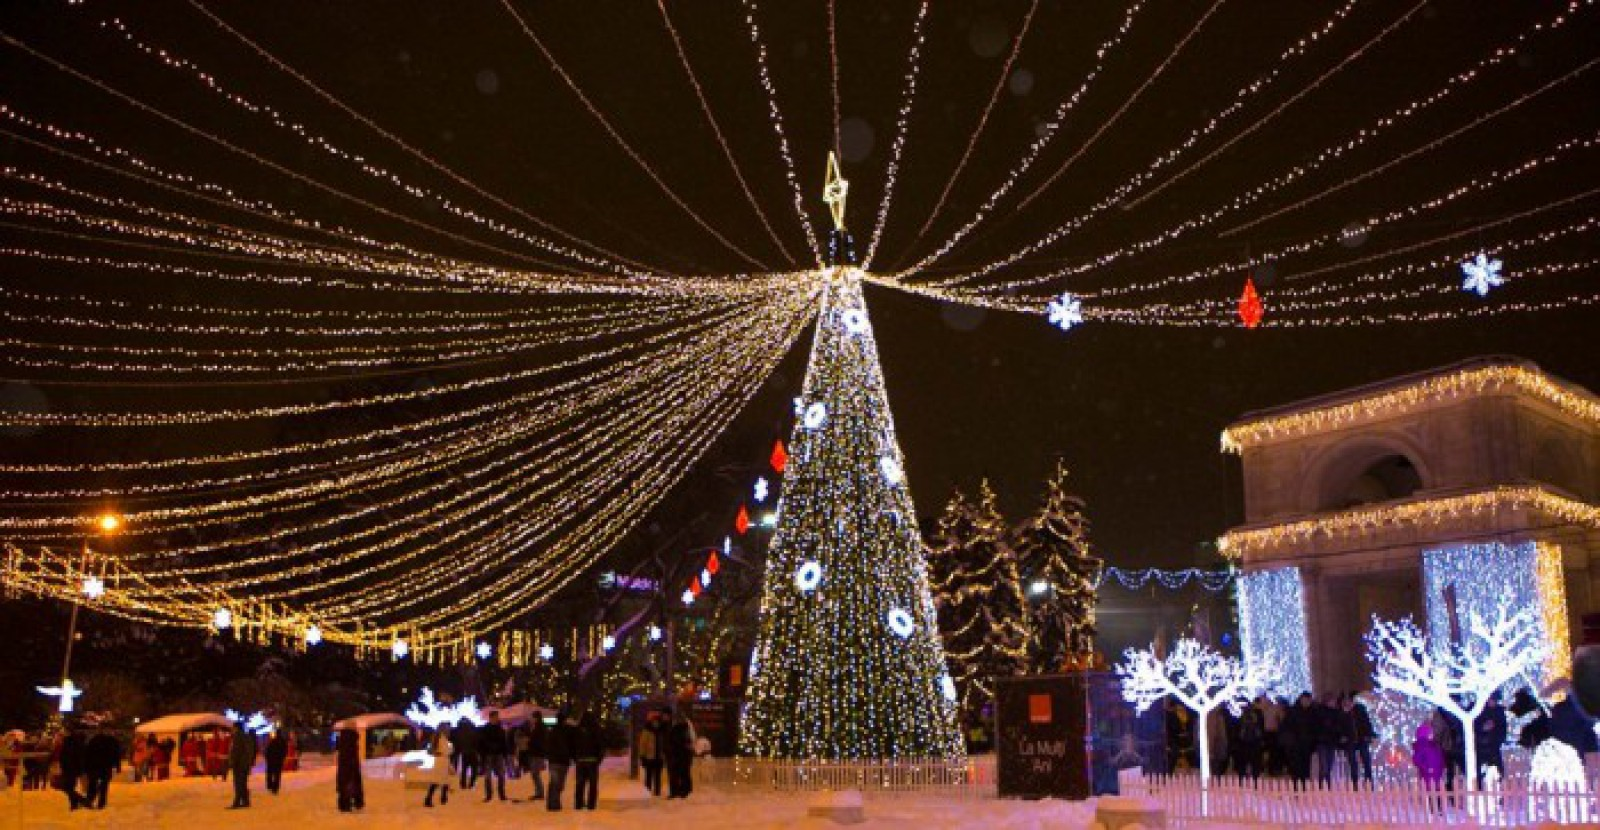 """Sute de Moși Crăciun vor defila, astăzi, la inaugurarea """"Orășelului de Poveste"""". Unde va avea loc"""